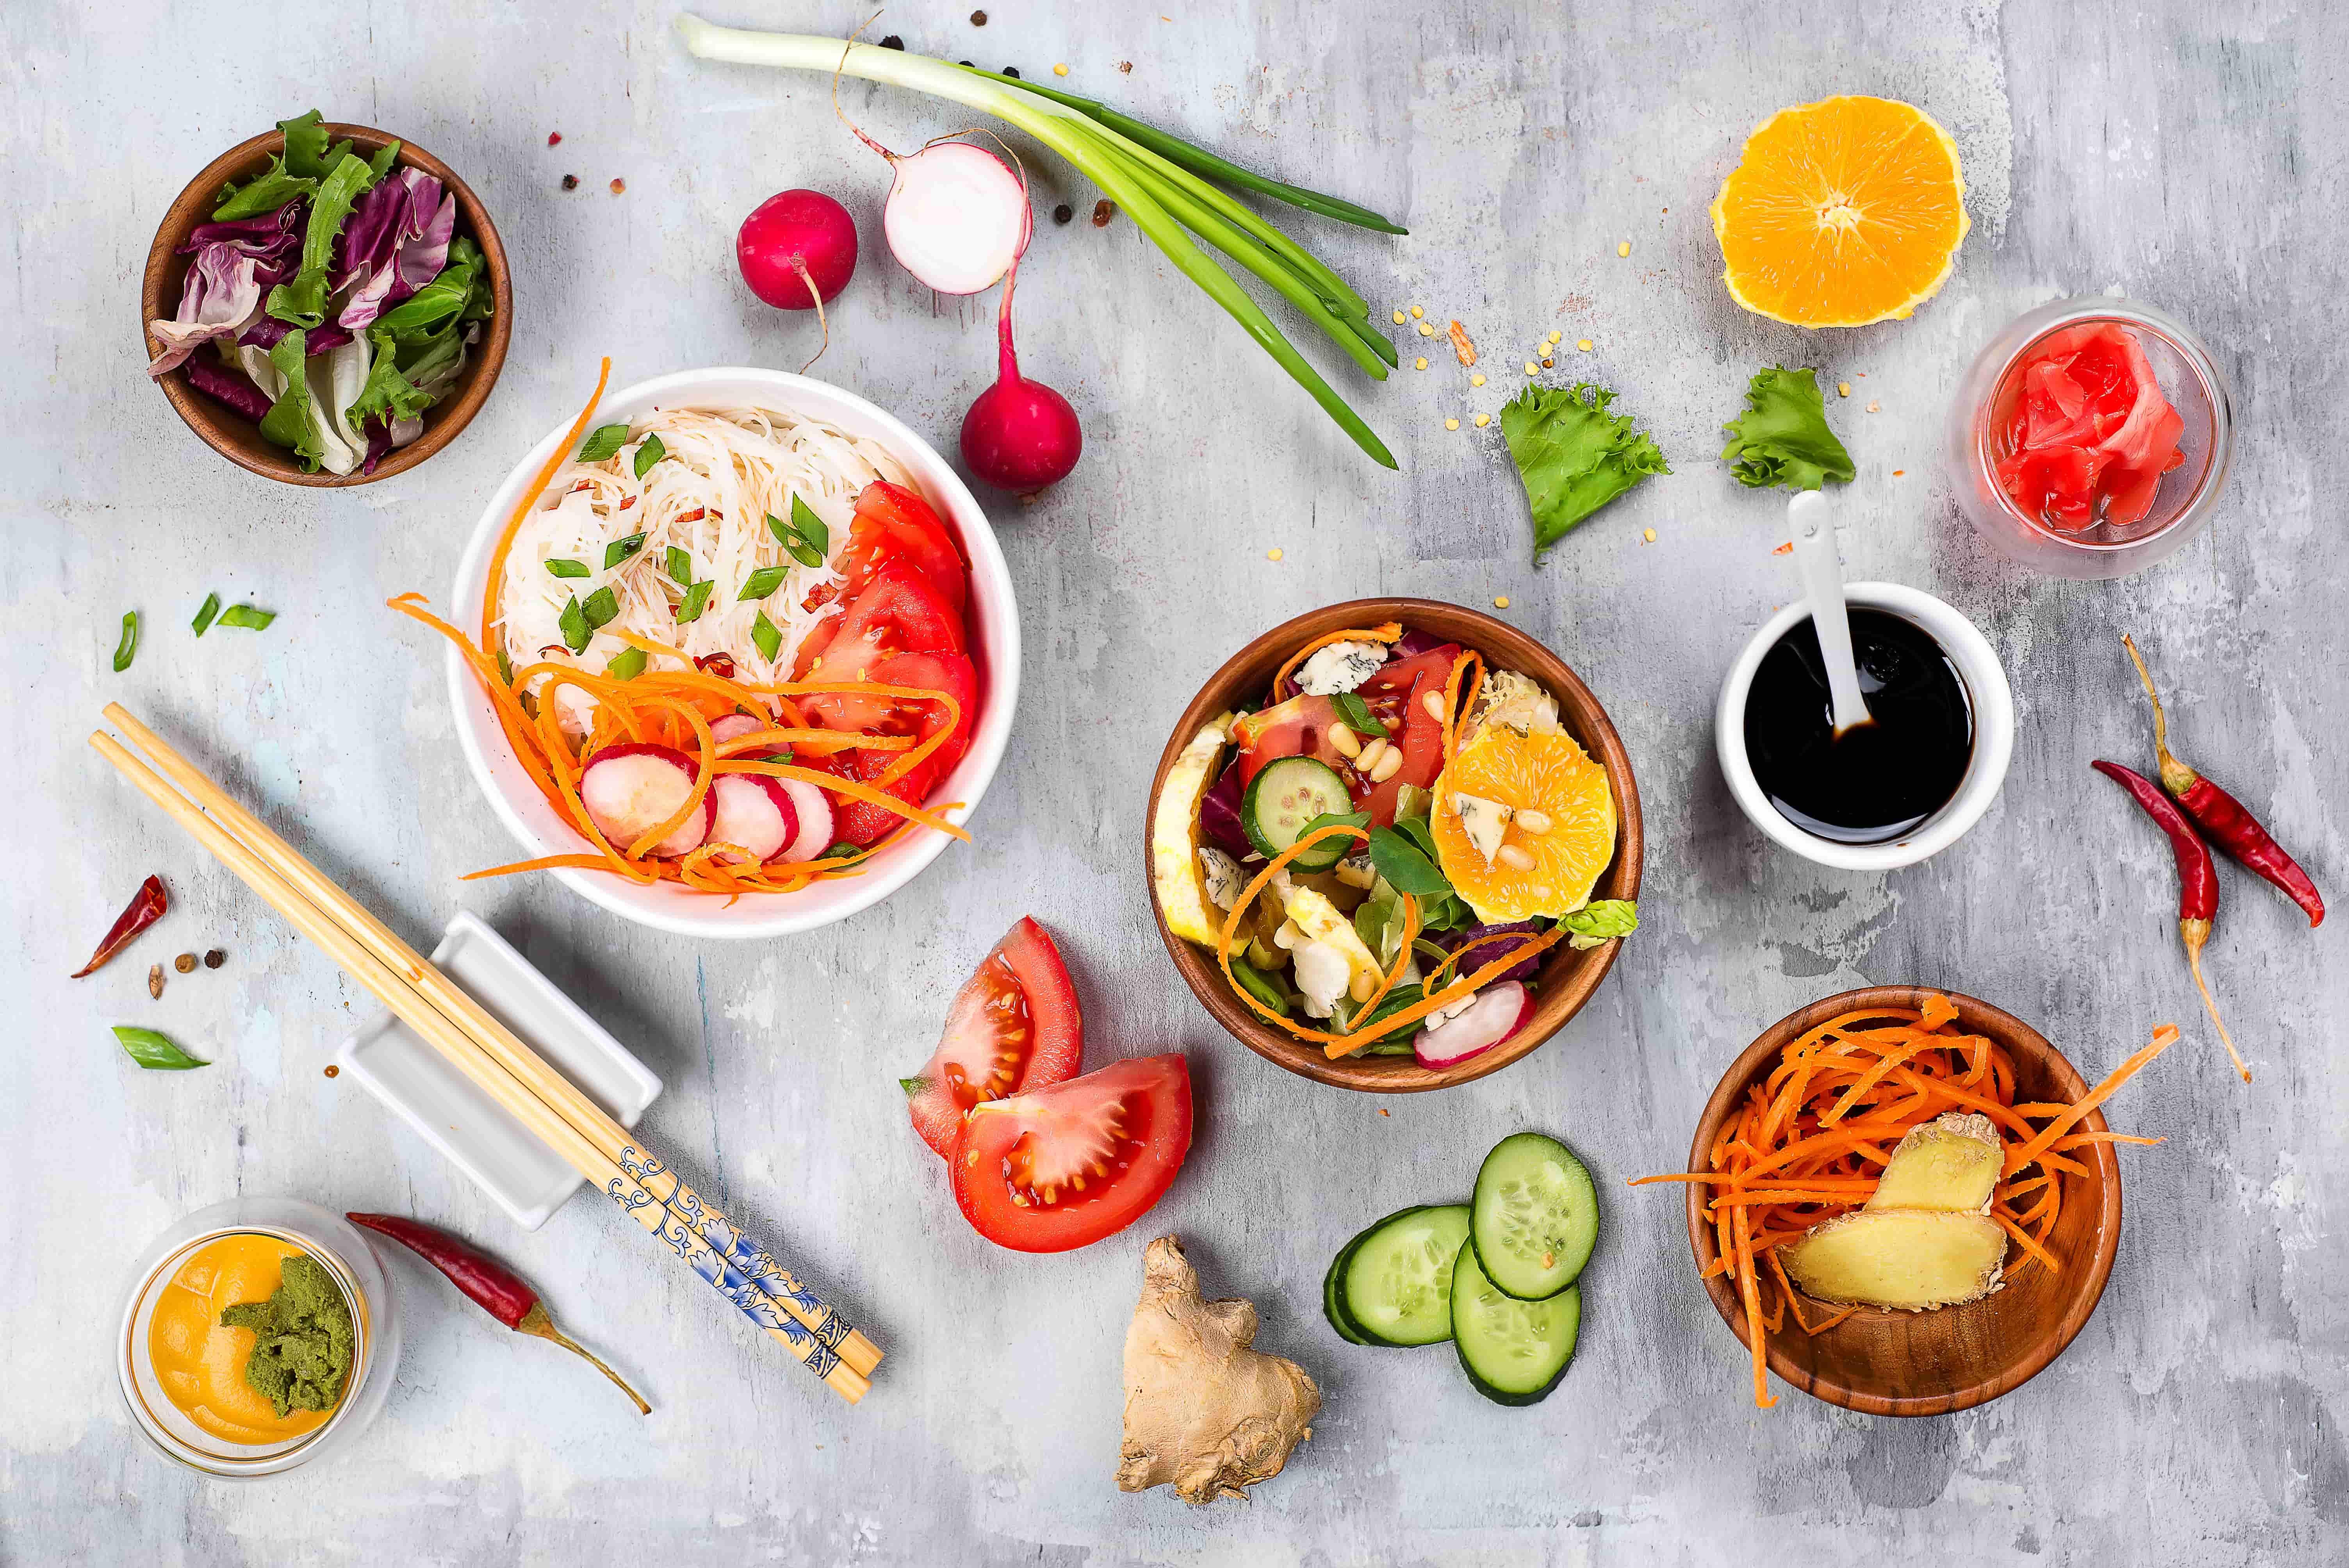 ПП еда. Рецепты на обед для худеющих - варианты правильного питания для похудения